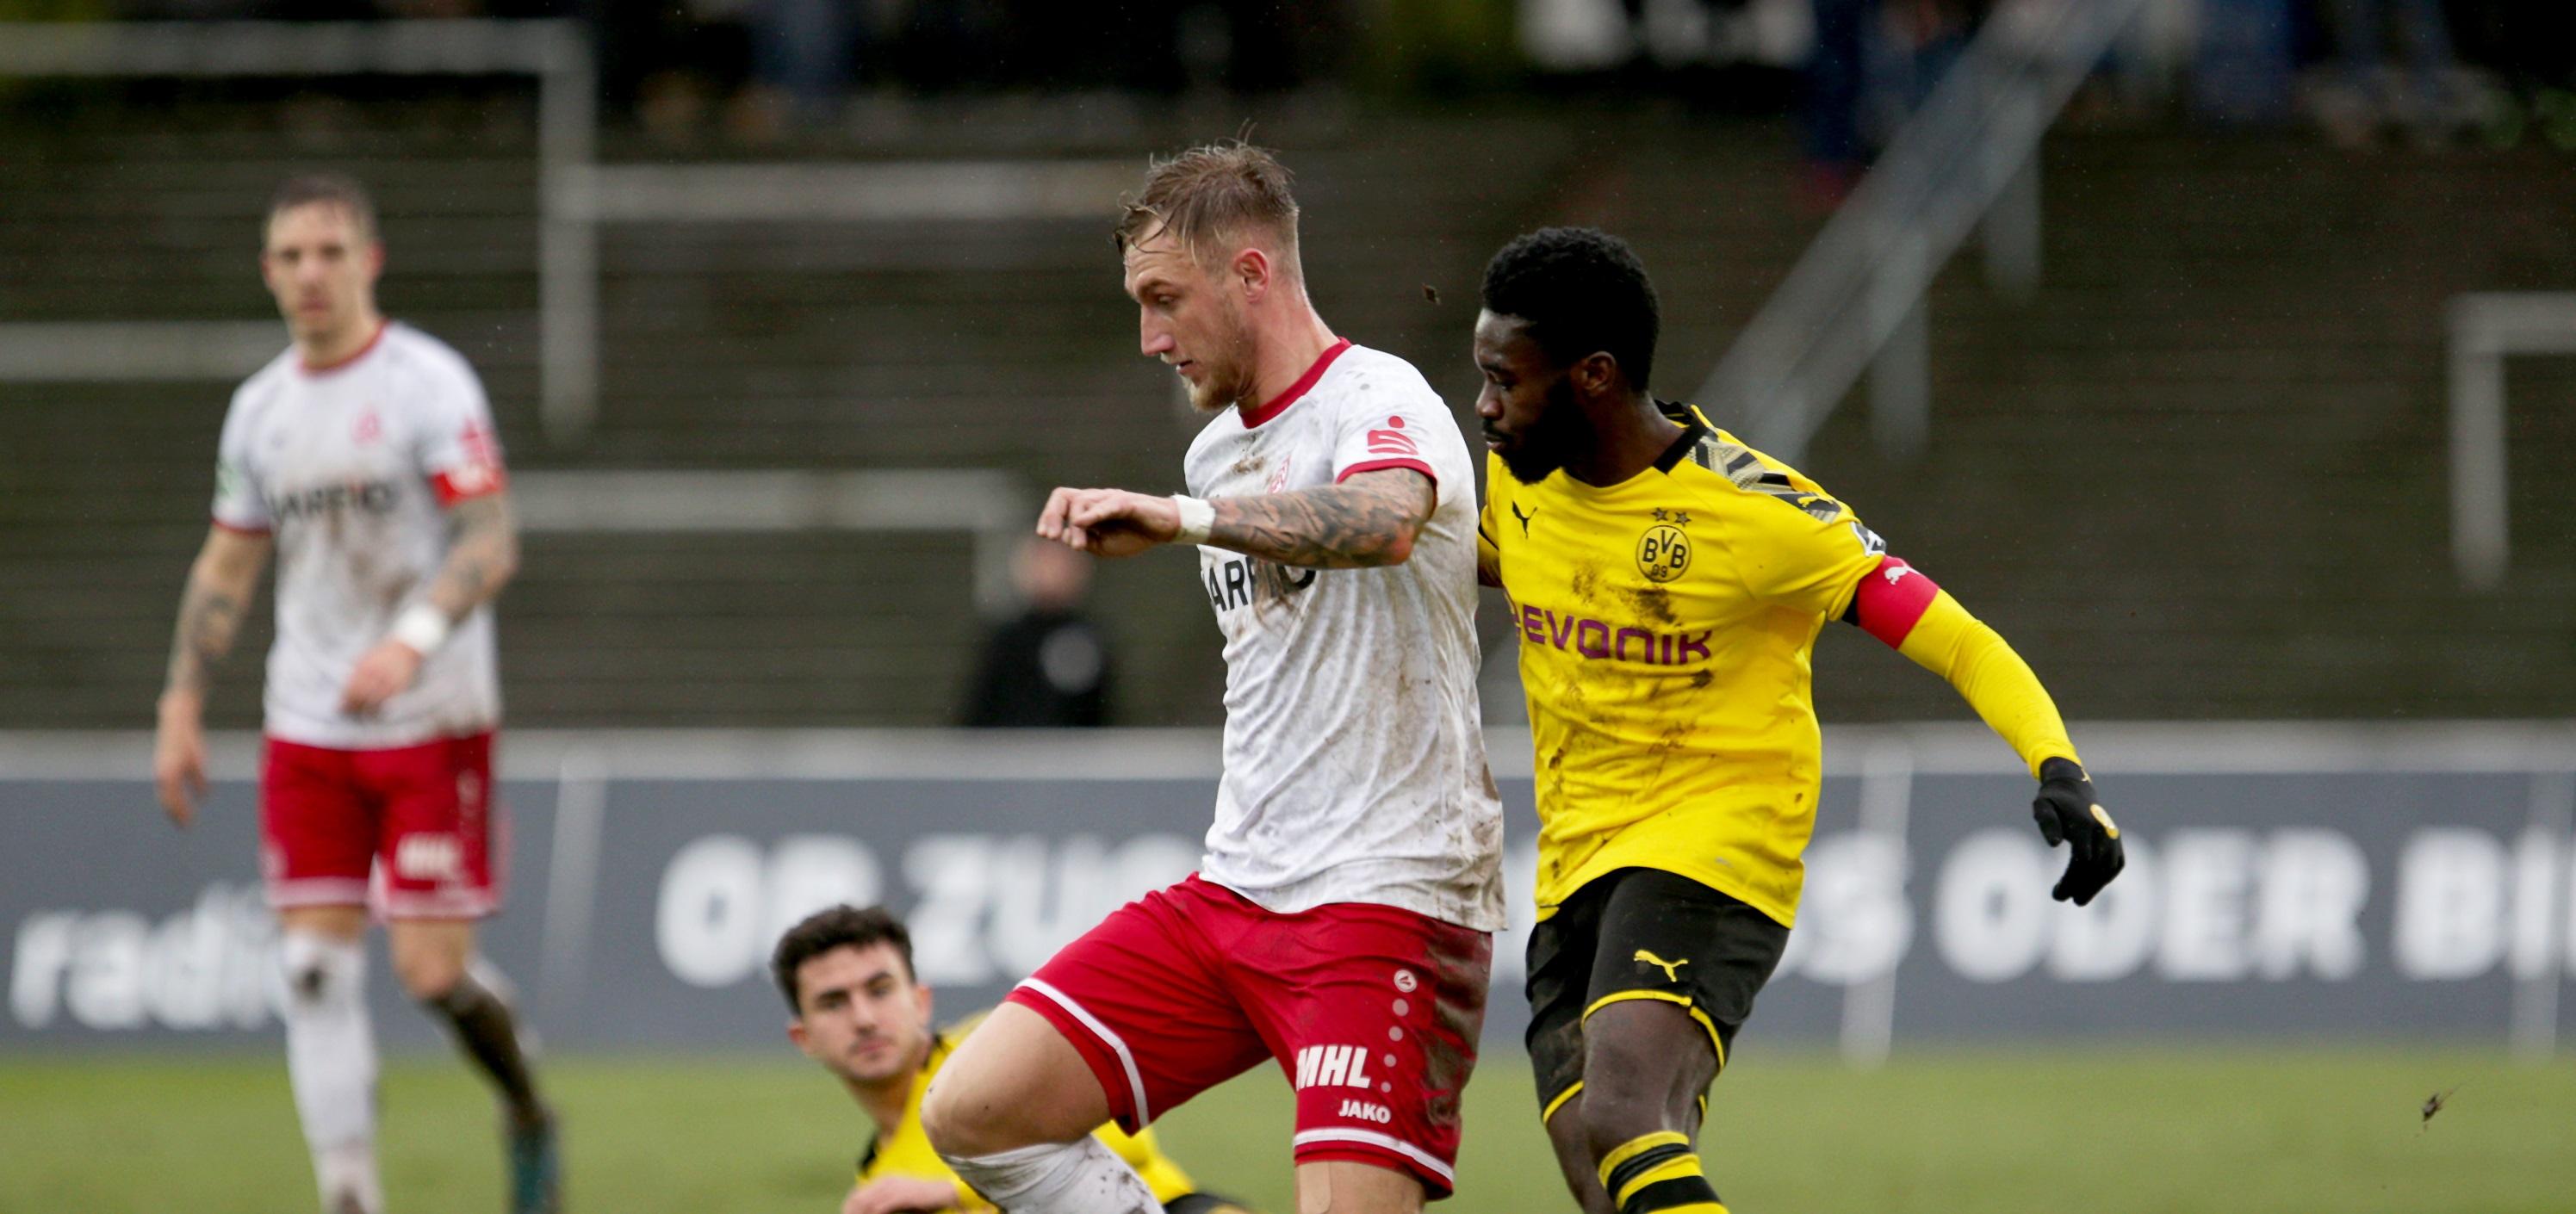 Am Sonntag gab es einen 1:0 Sieg bei Borussia Dortmund II. (Foto:Endberg)